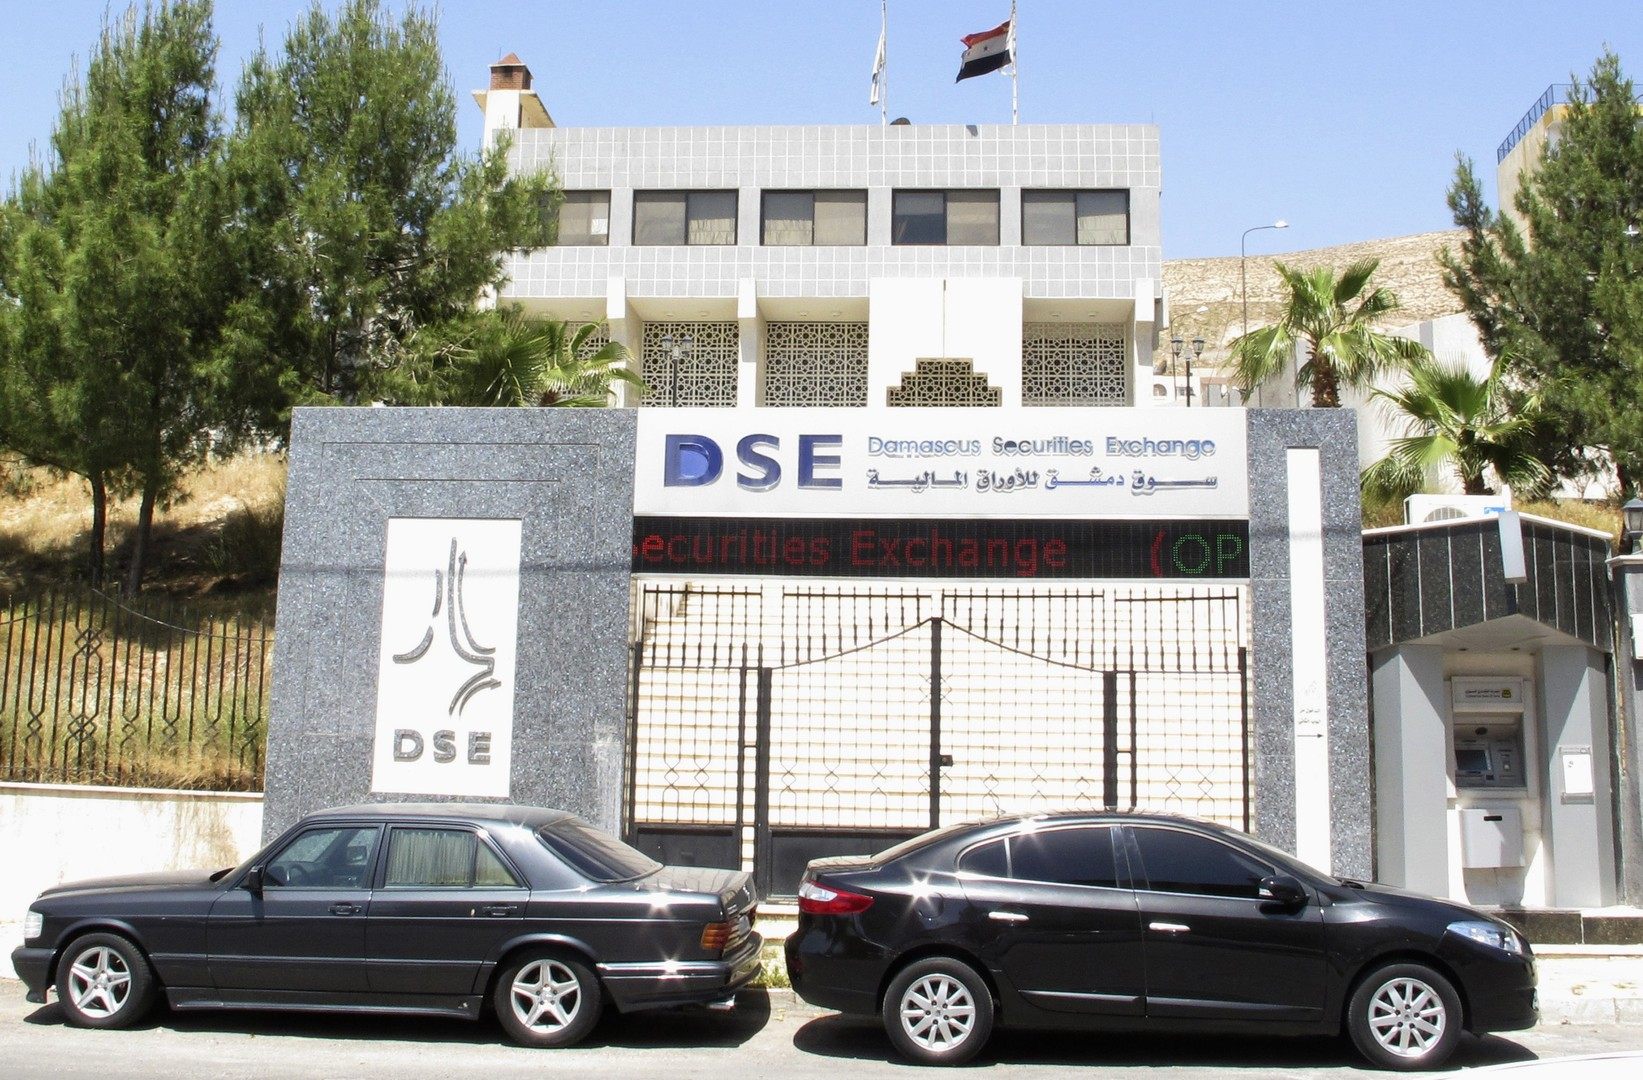 صحيفة تتحدث عن تلاعب في بورصة دمشق.. 25% من ملكية مصرف بيعت في دقيقة